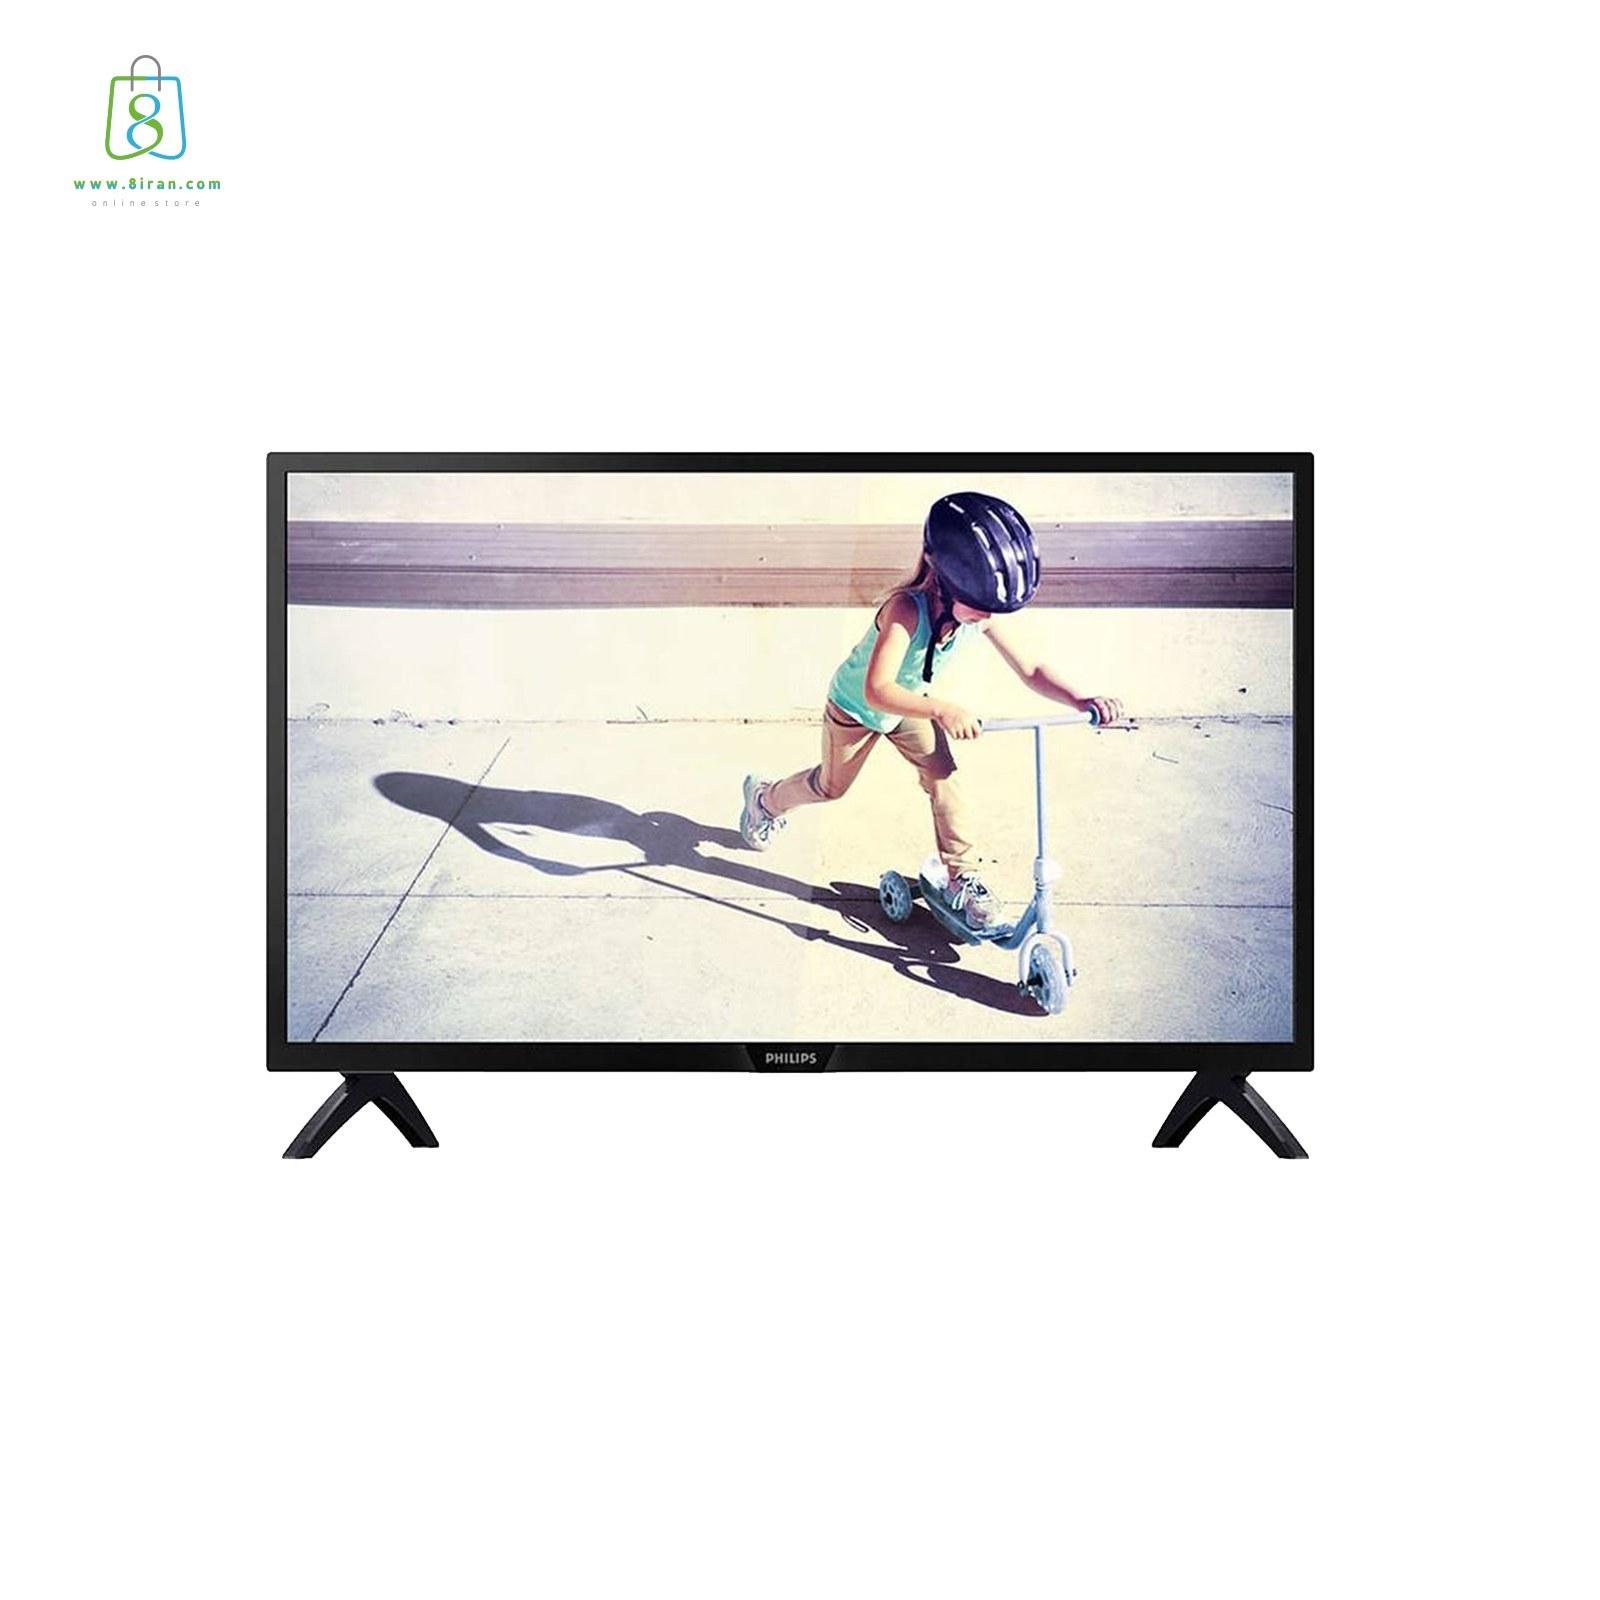 عکس تلویزیون فیلیپس فول اچ دی ال ای دی 43PFT4002 philips Full HD LED 43PFT4002 philips Full HD LED تلویزیون-فیلیپس-فول-اچ-دی-ال-ای-دی-43pft4002-philips-full-hd-led